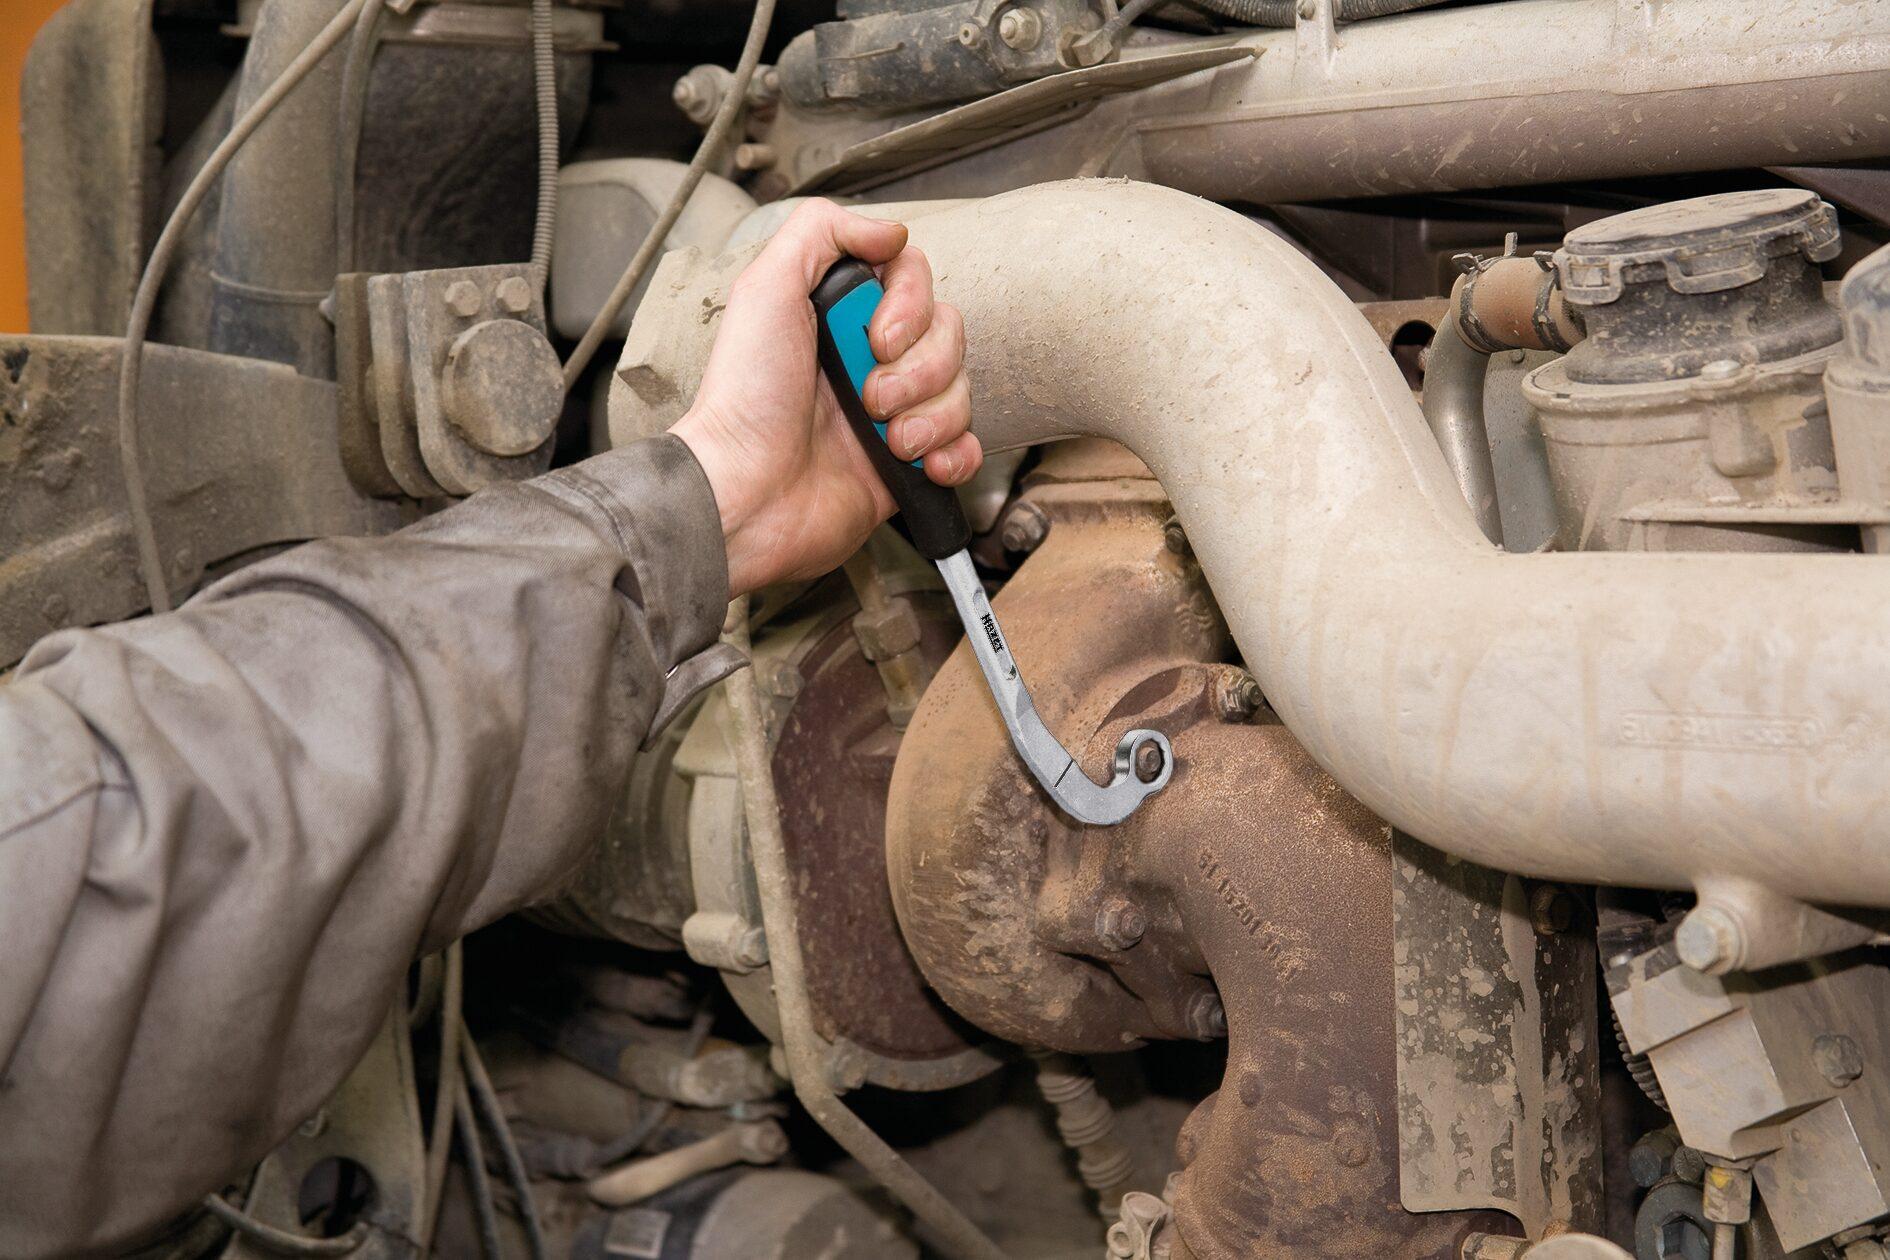 HAZET Turbolader-Schlüssel 2849-15 ∙ Außen-Doppel-Sechskant Profil ∙ 15 mm